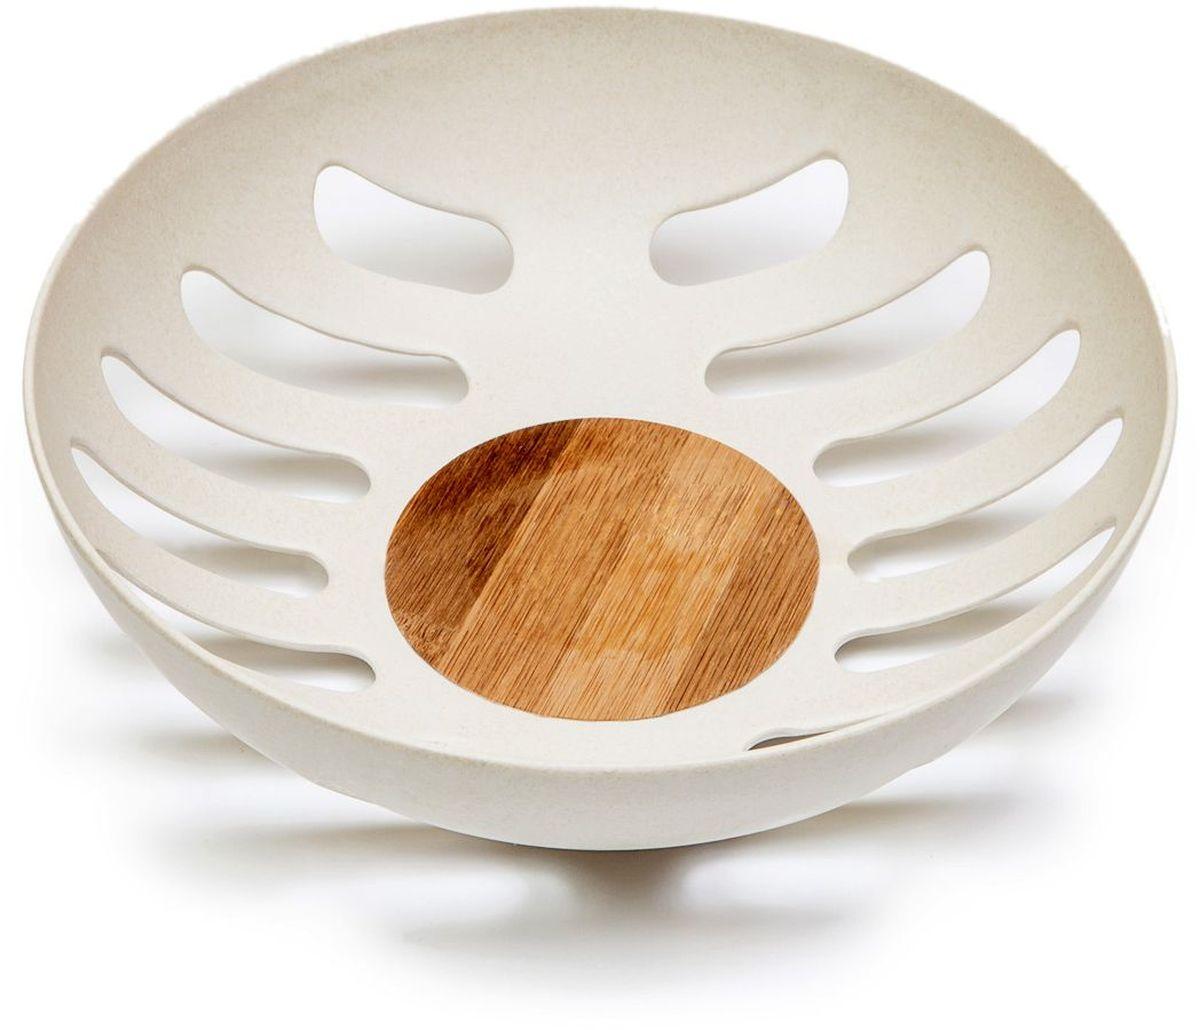 Фруктовница MOULINvilla, цвет: белый, 21,8 х 21,8 х 6,3 смVT-1520(SR)Фруктовница MOULINvilla, изготовленная из природного бамбука, очищенного от вредных примесей идеально подходит для хранения и красивой сервировки любых фруктов. Для окраски используются натуральные пищевые красители. Бамбук, сам по себе, является природным антисептиком. Эта уникальная особенность посуды гарантирует безопасность при эксплуатации и хранении различных видов пищевой продукции. Можно мыть в посудомоечной машине.